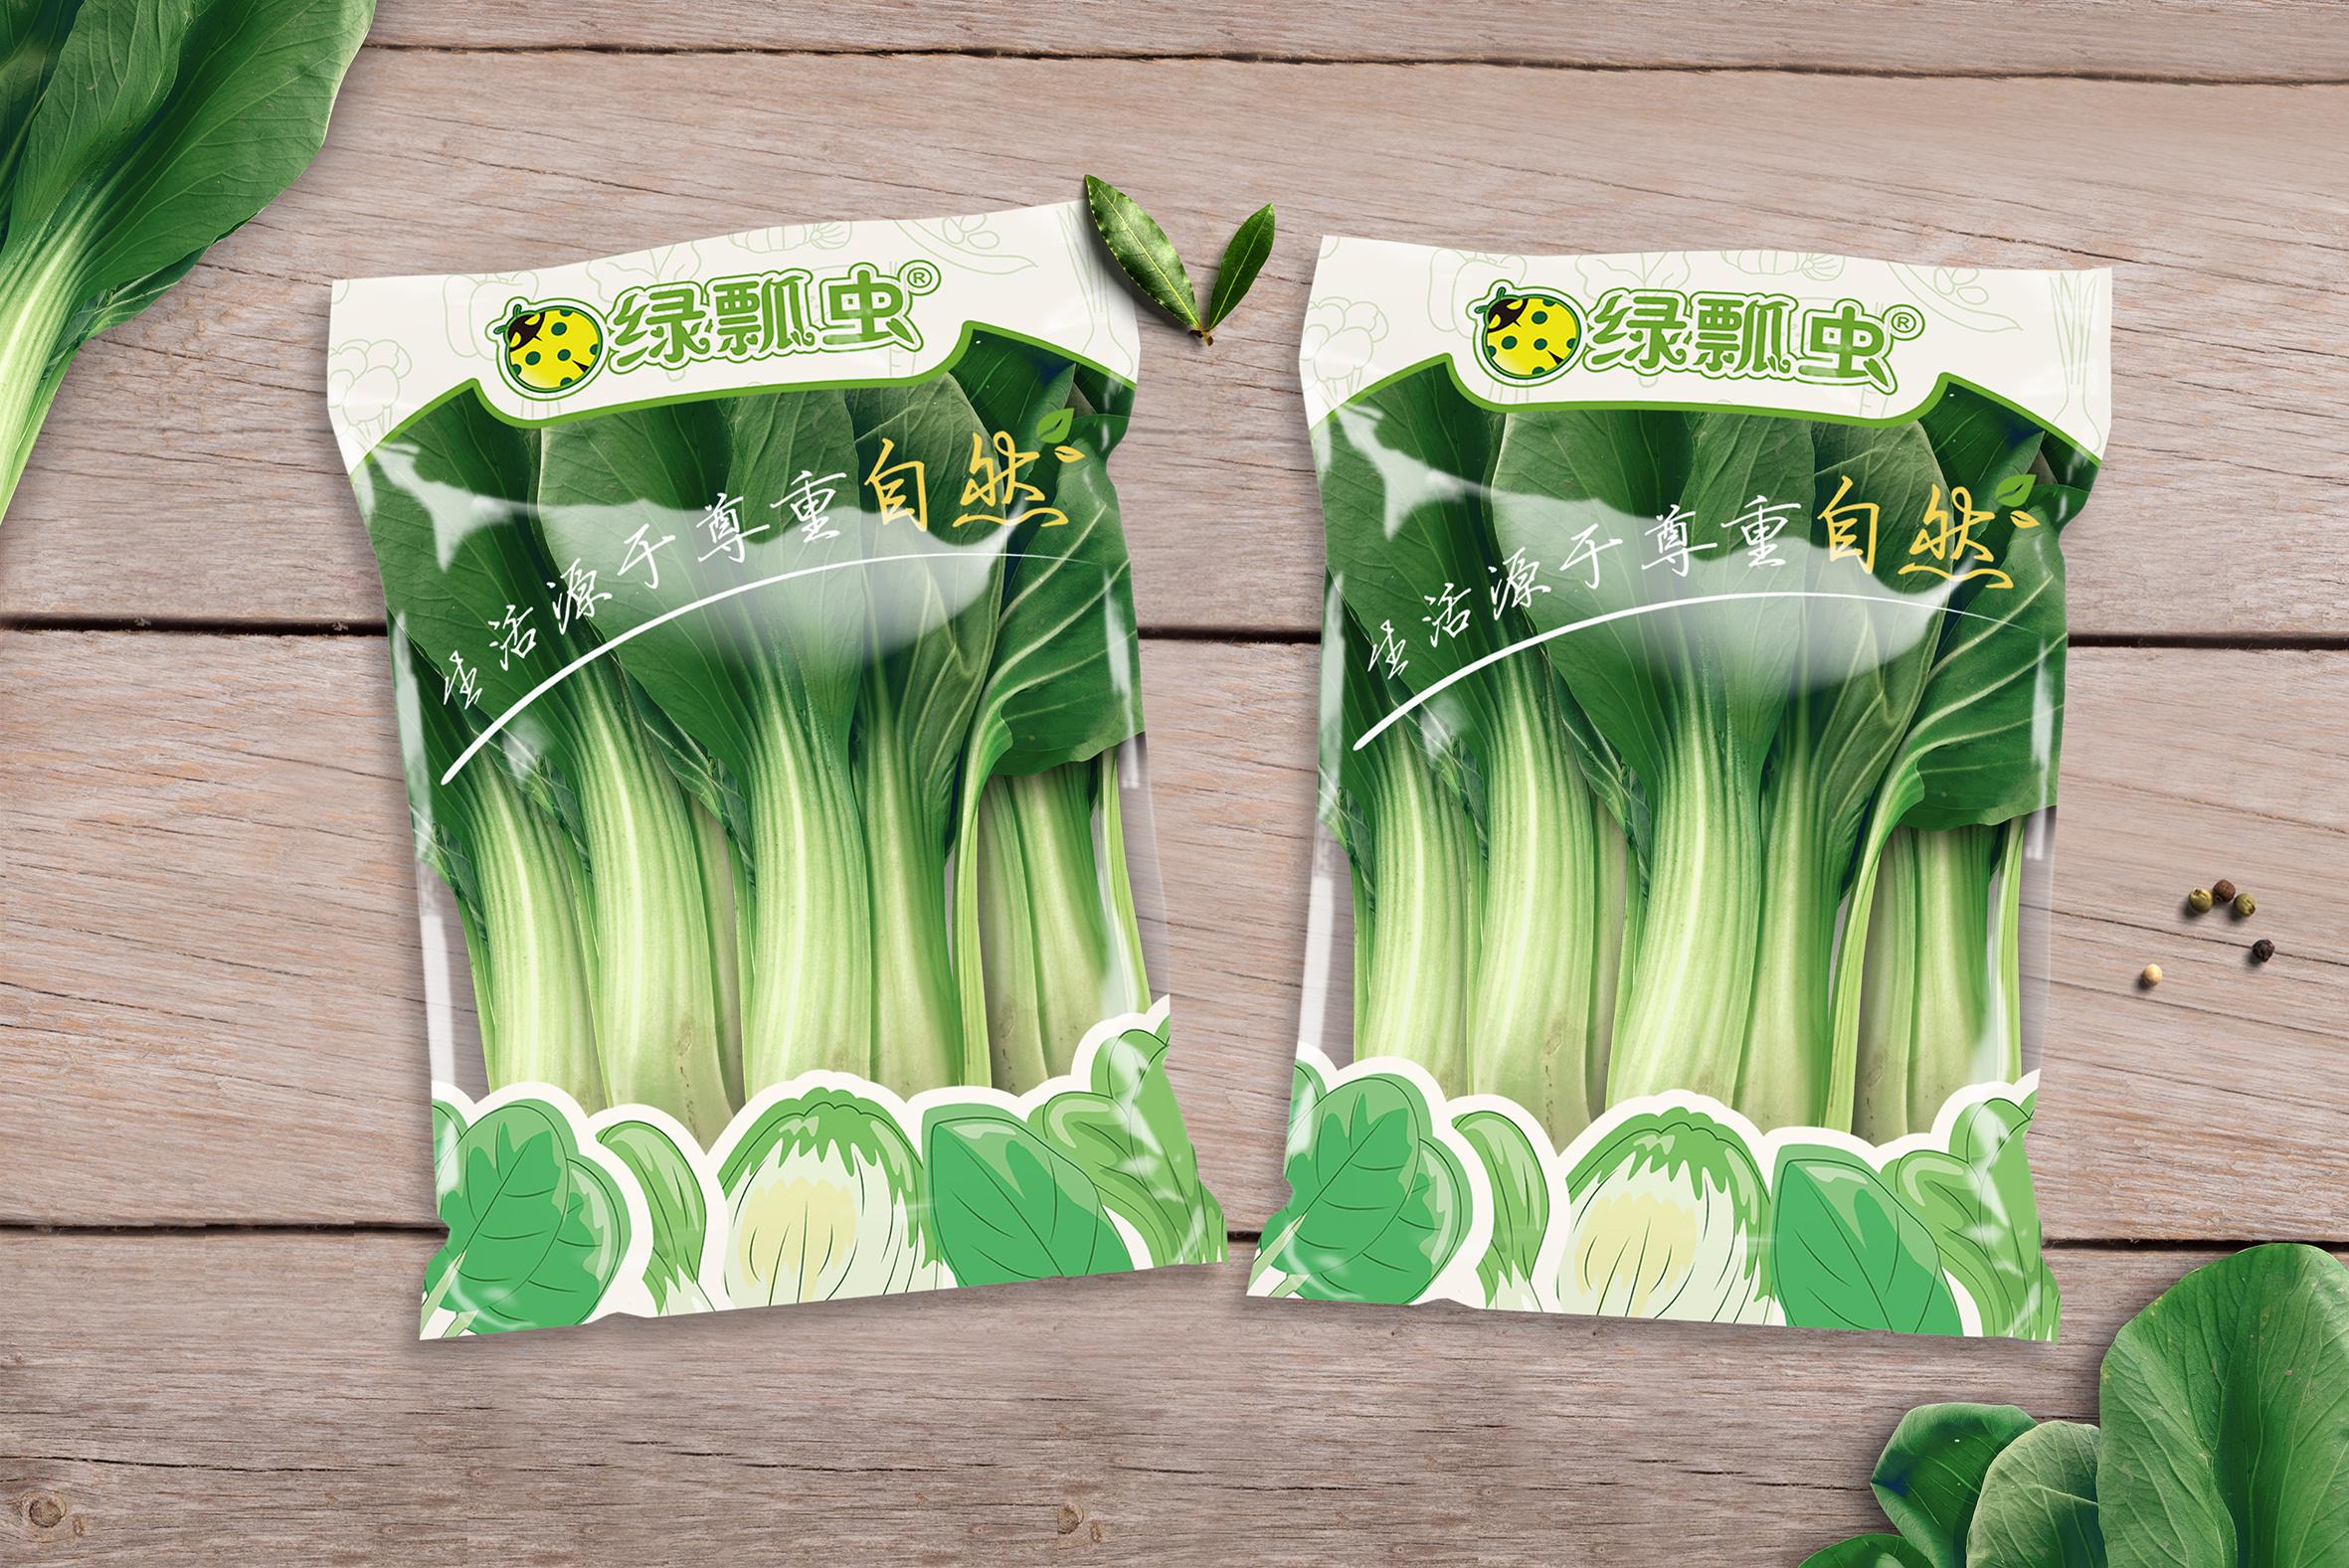 土鸡蛋包装_农产品蔬菜包装 平面 包装 猫设 - 原创作品 - 站酷 (ZCOOL)